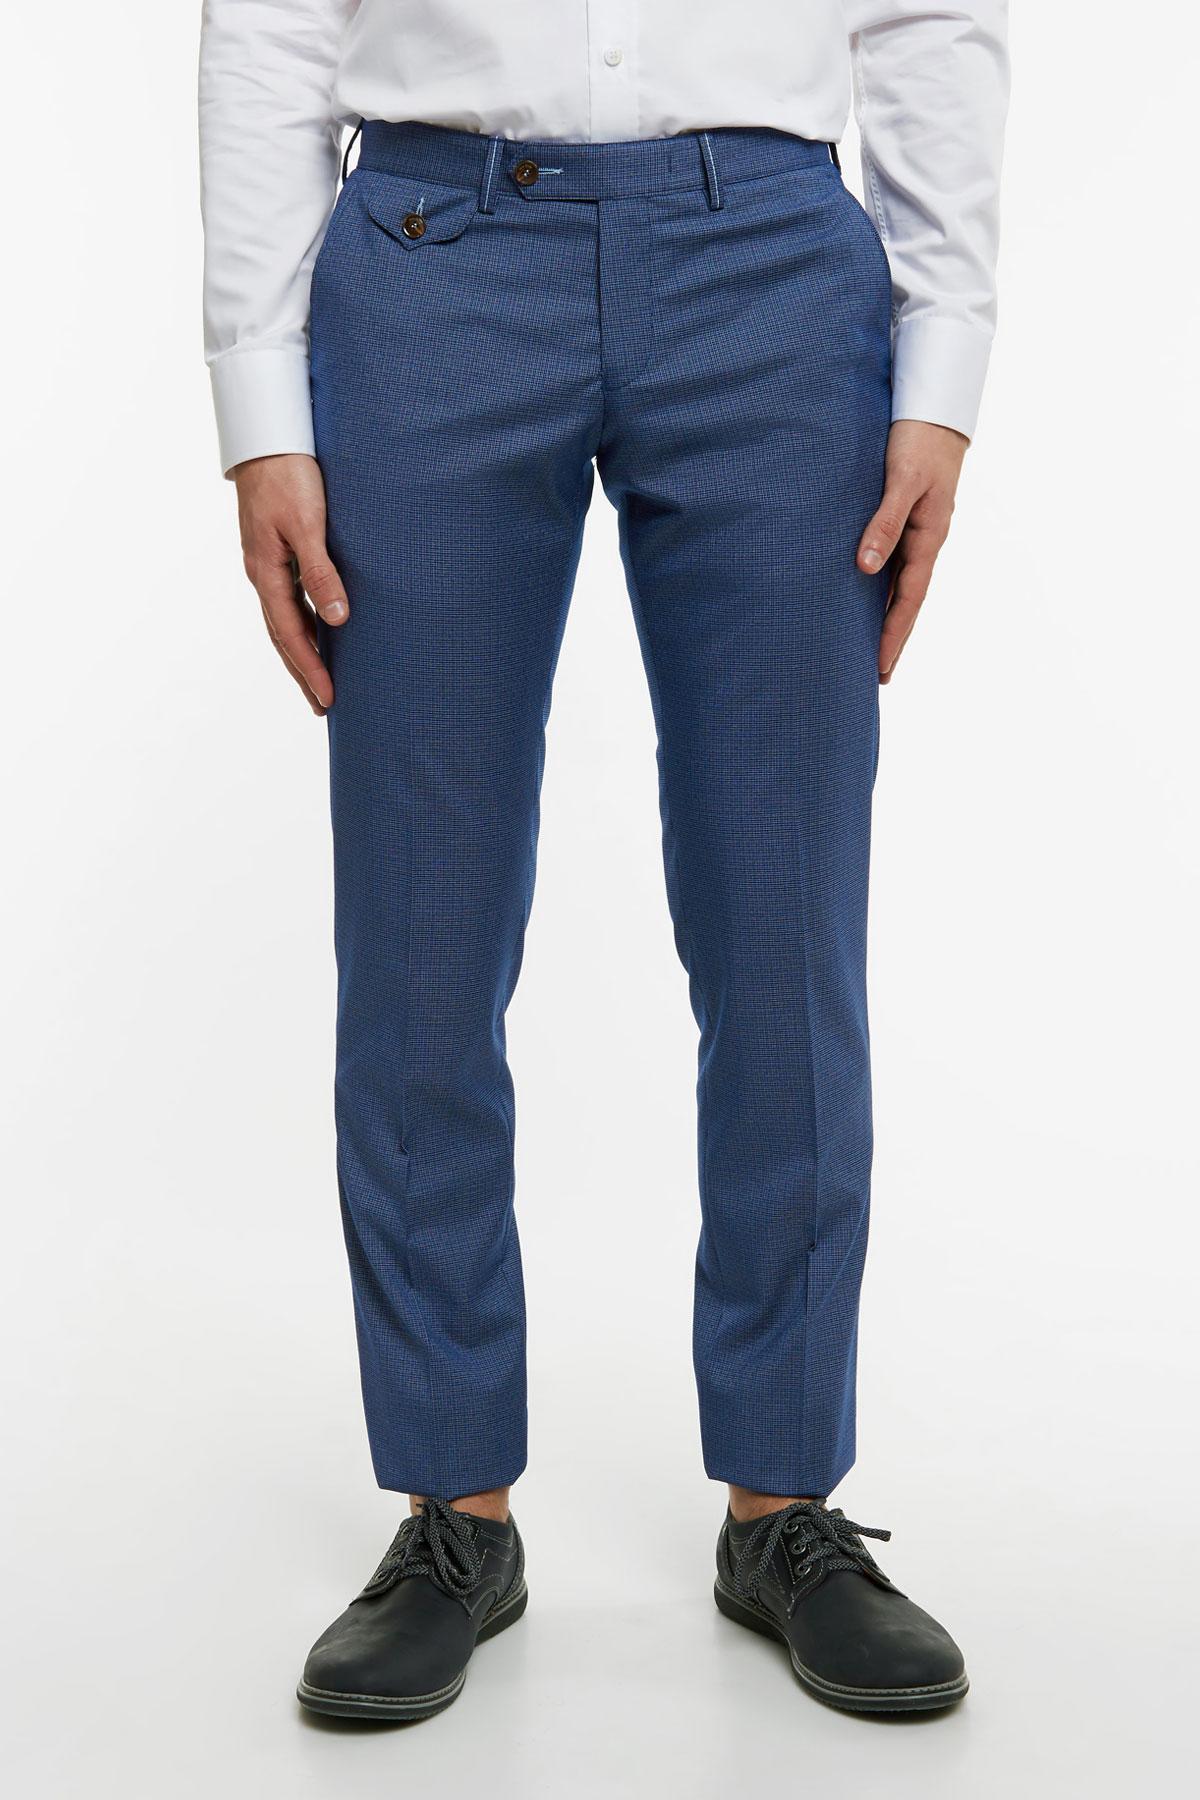 Брюки синего цвета 18528 Milan-480